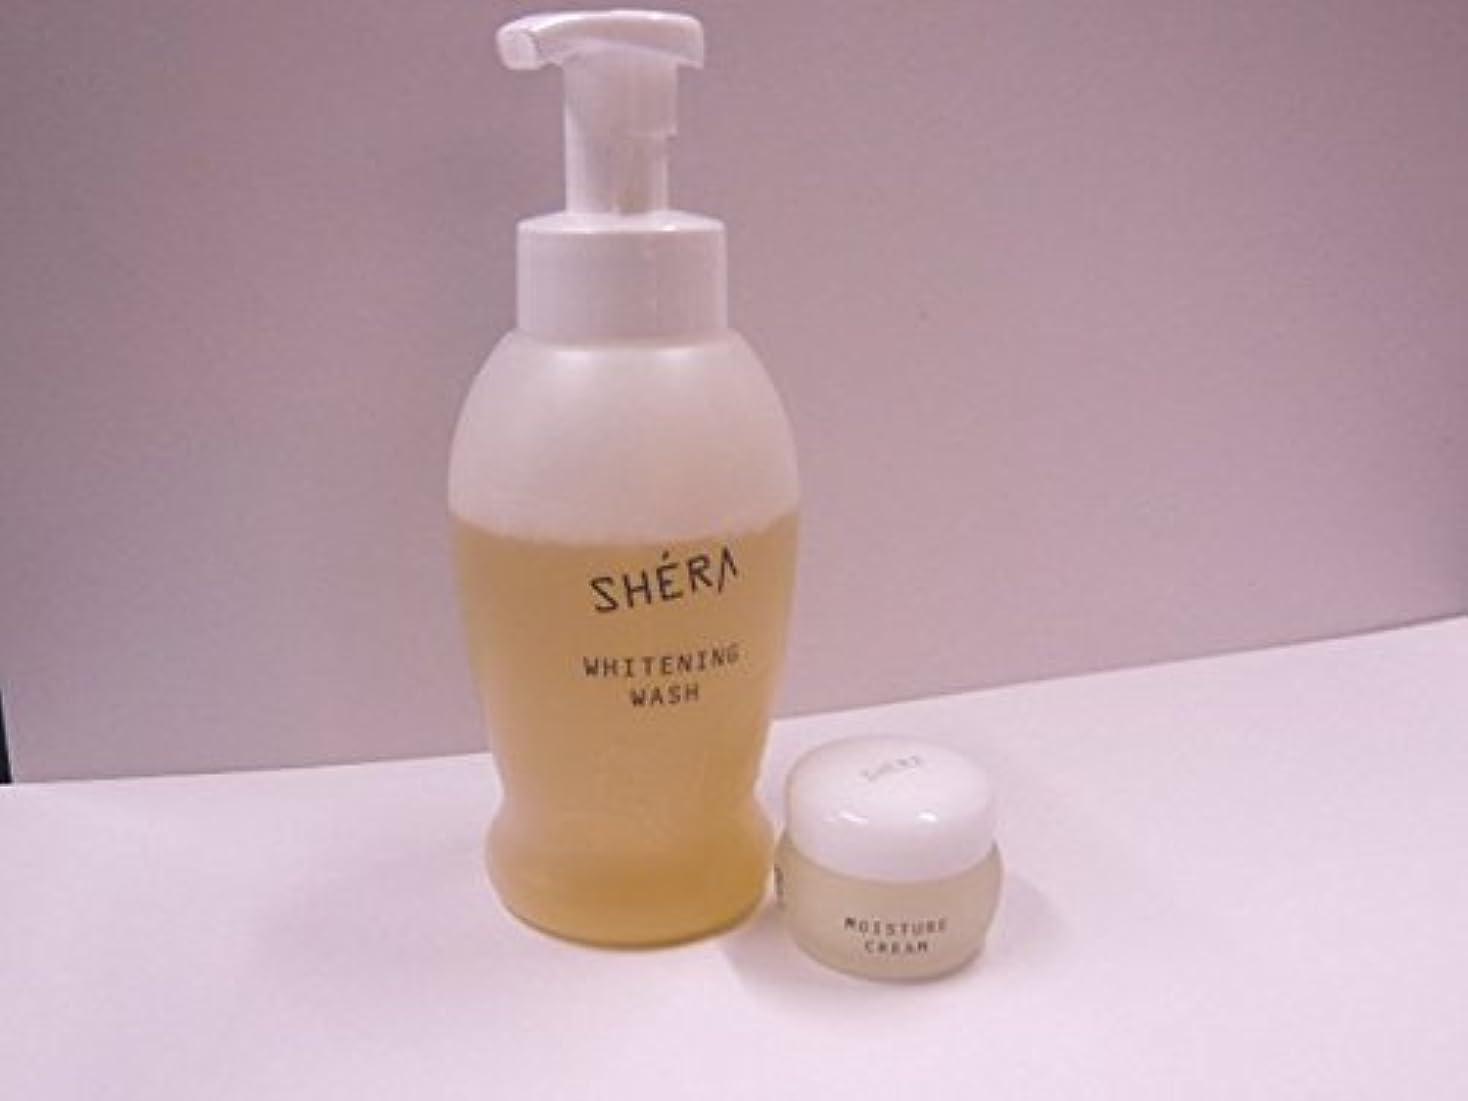 アルネ確執浮くきれいになる2!SHERA シェラバートン シェラウオッシュ 380ml泡タイプ+SHERA moisture cream(保湿ジェル)35g